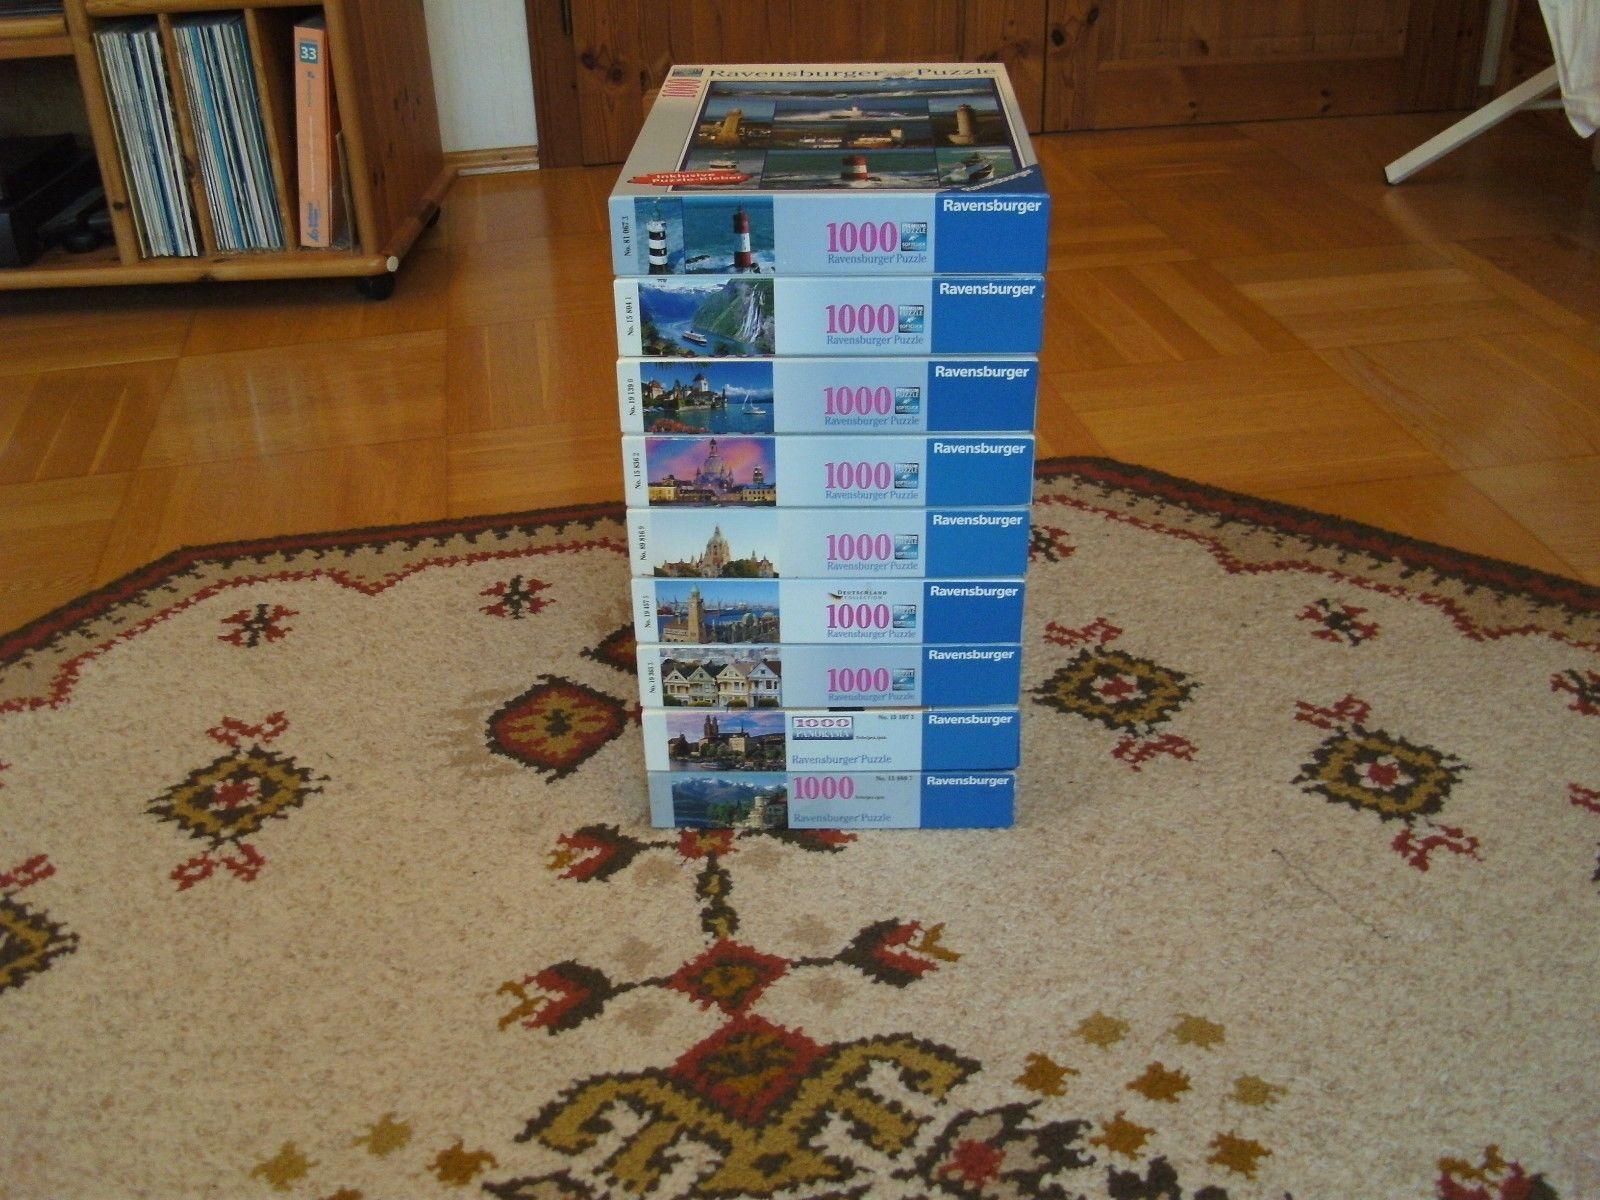 Sammlung 9 x 1000 Teile, Konvolut Ravensburger,Paket Städtebilder, guter Zustand